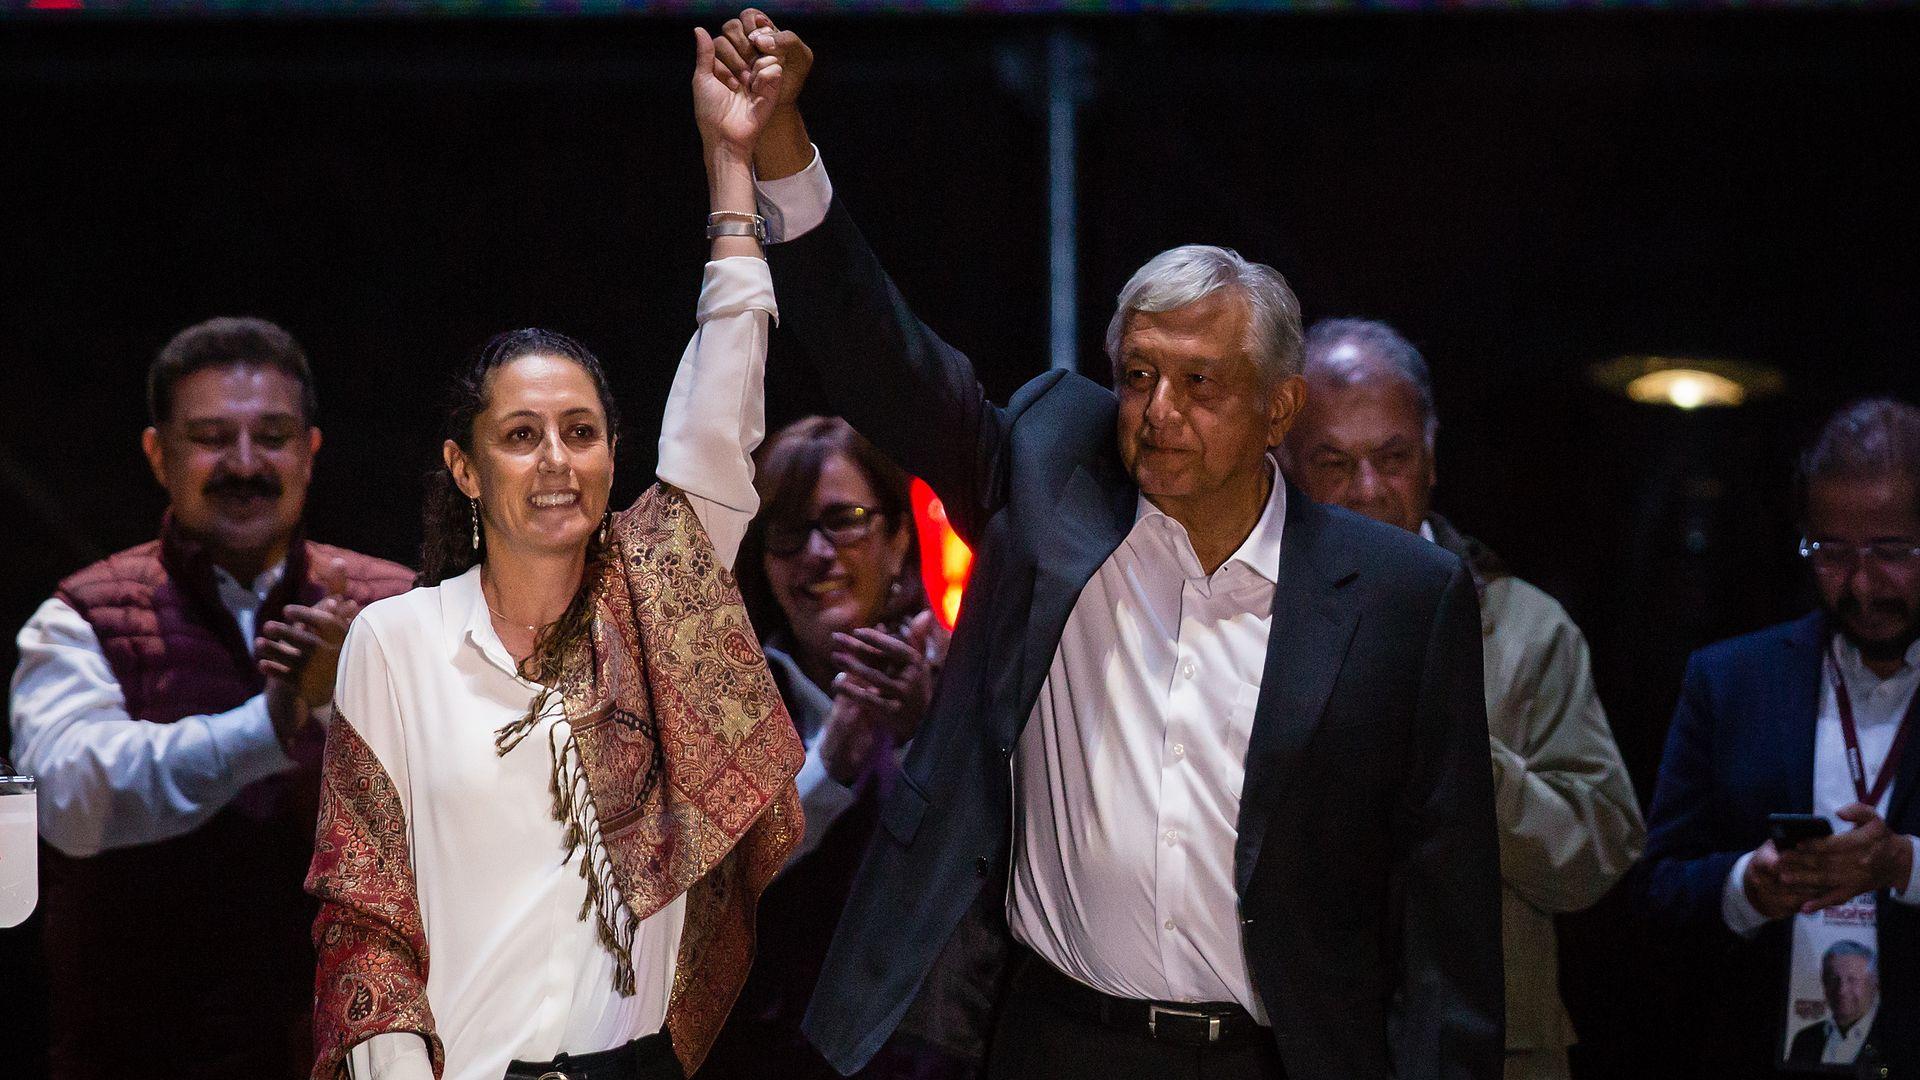 axios.com - Mexico's election was a breakthrough for women